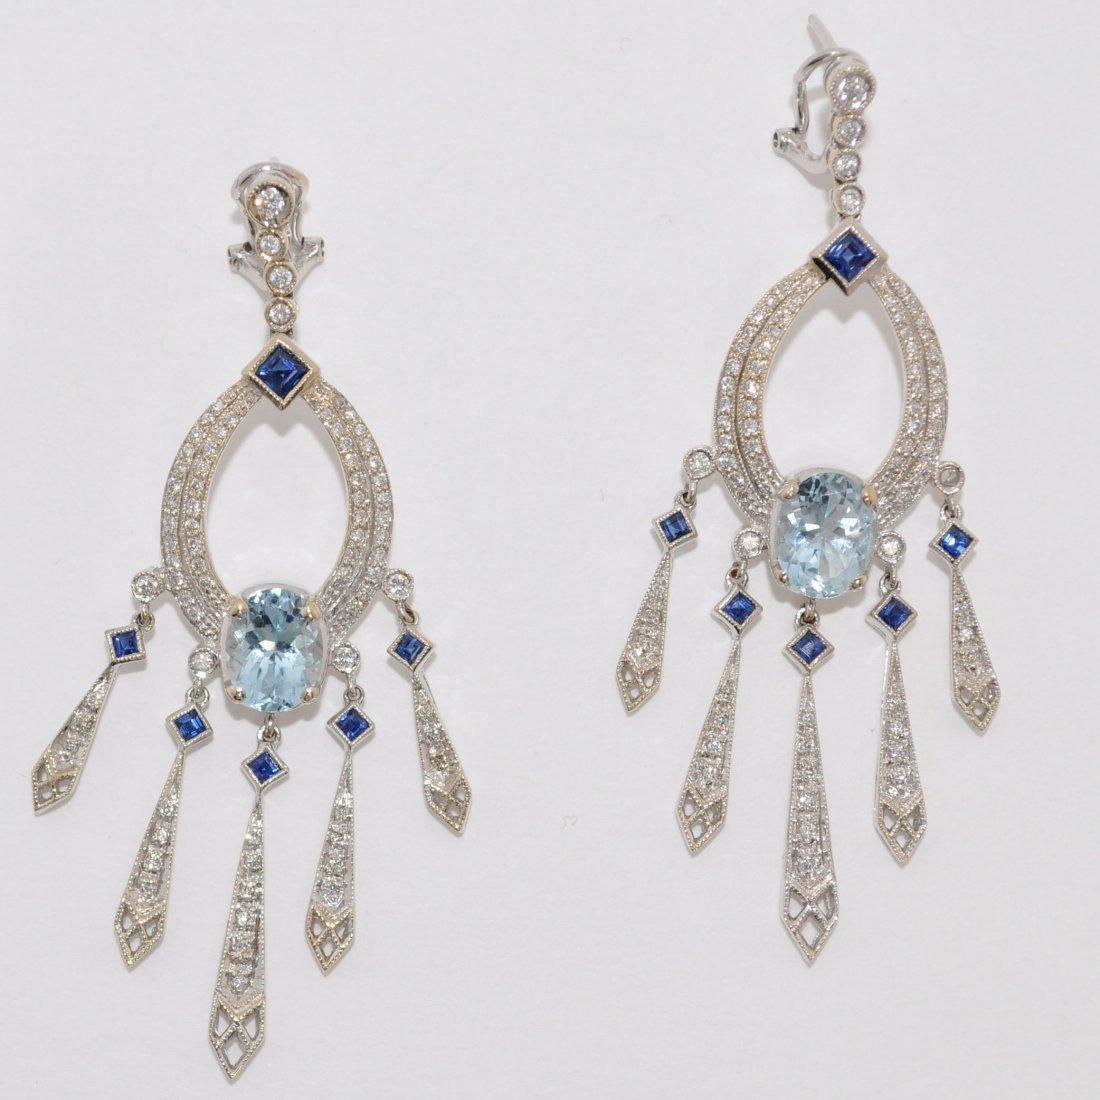 Exquisite Diamond & Topaz Fringe Earrings